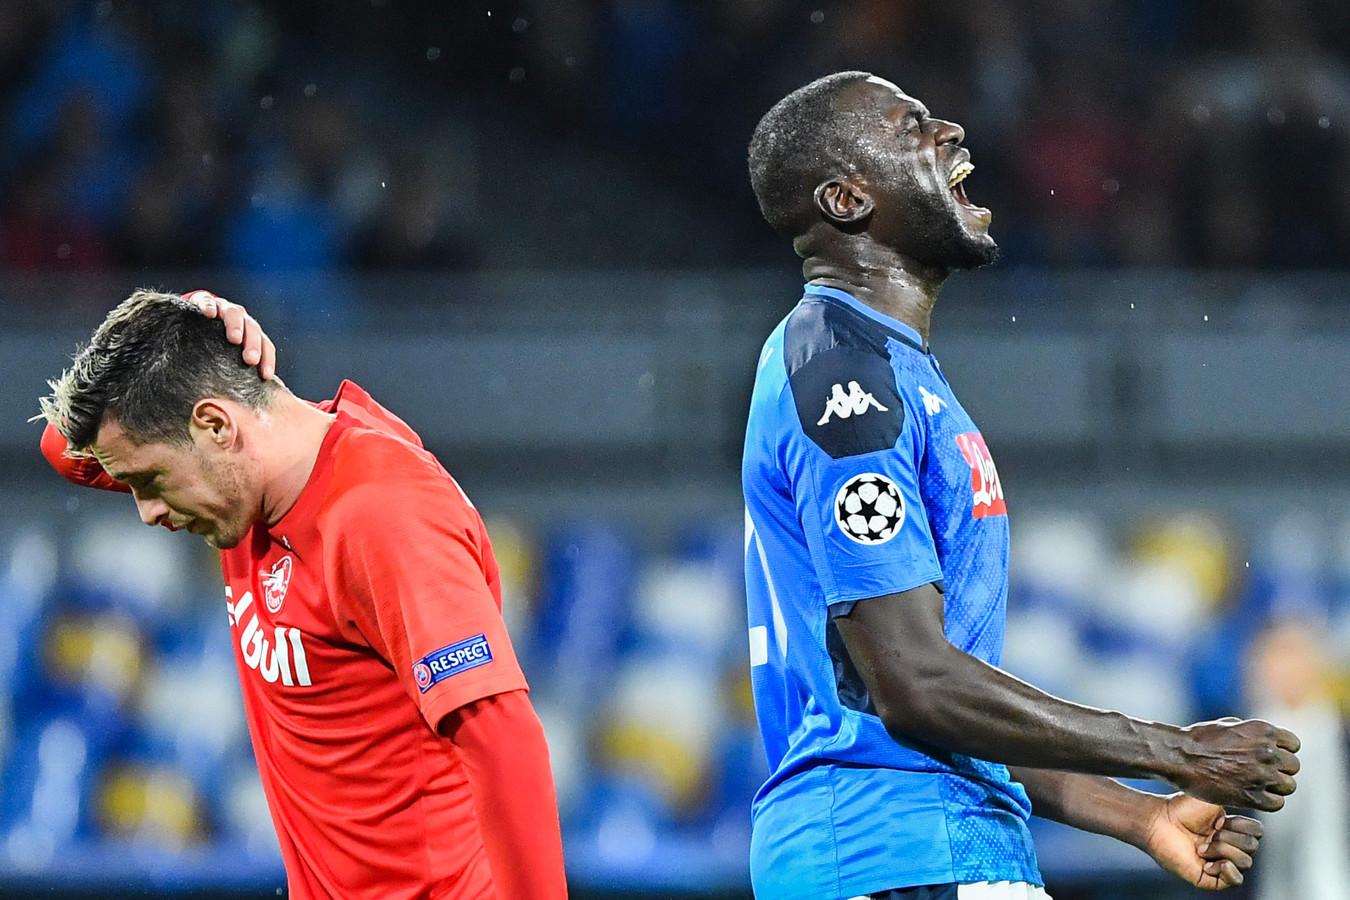 Koulibaly schreeuwt het uit nadat hij een penalty heeft veroorzaakt die tot de 0-1 van Salzburg leidde.